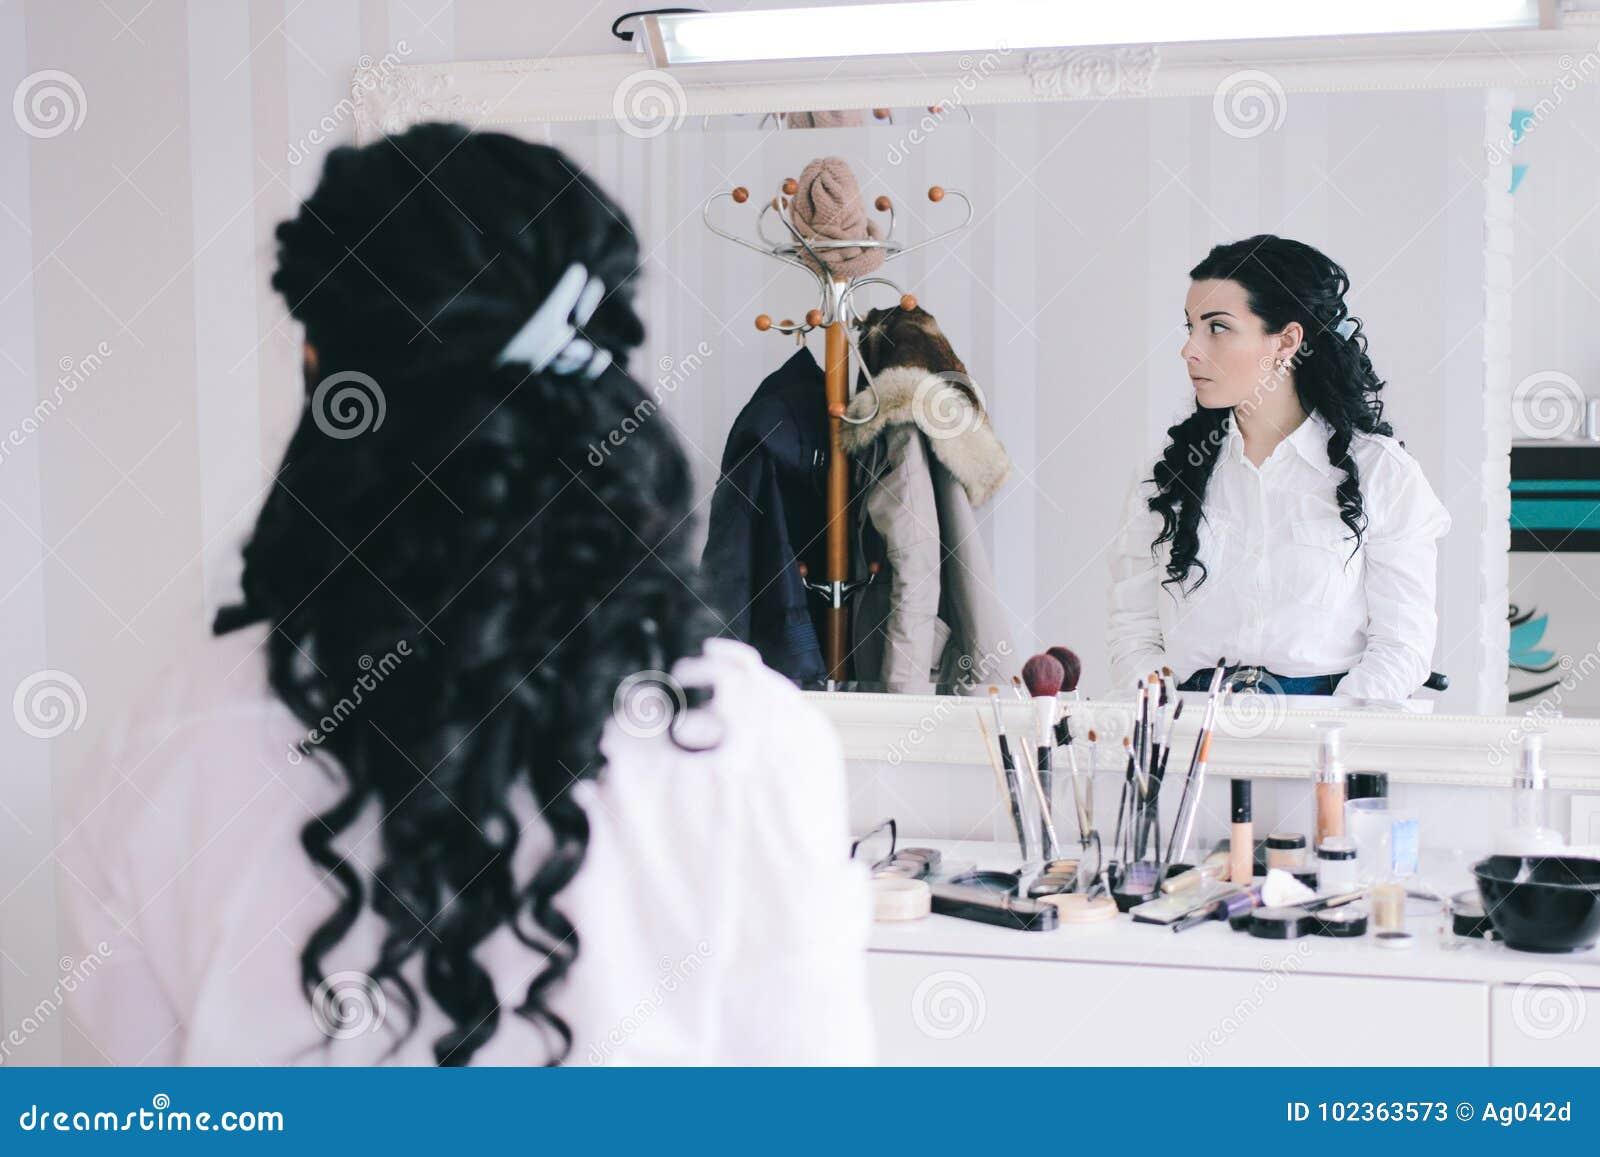 Schönheitssalon, Mädchen mit dem langen schwarzen Haar sitzt am Spiegel im Schönheitsstudio